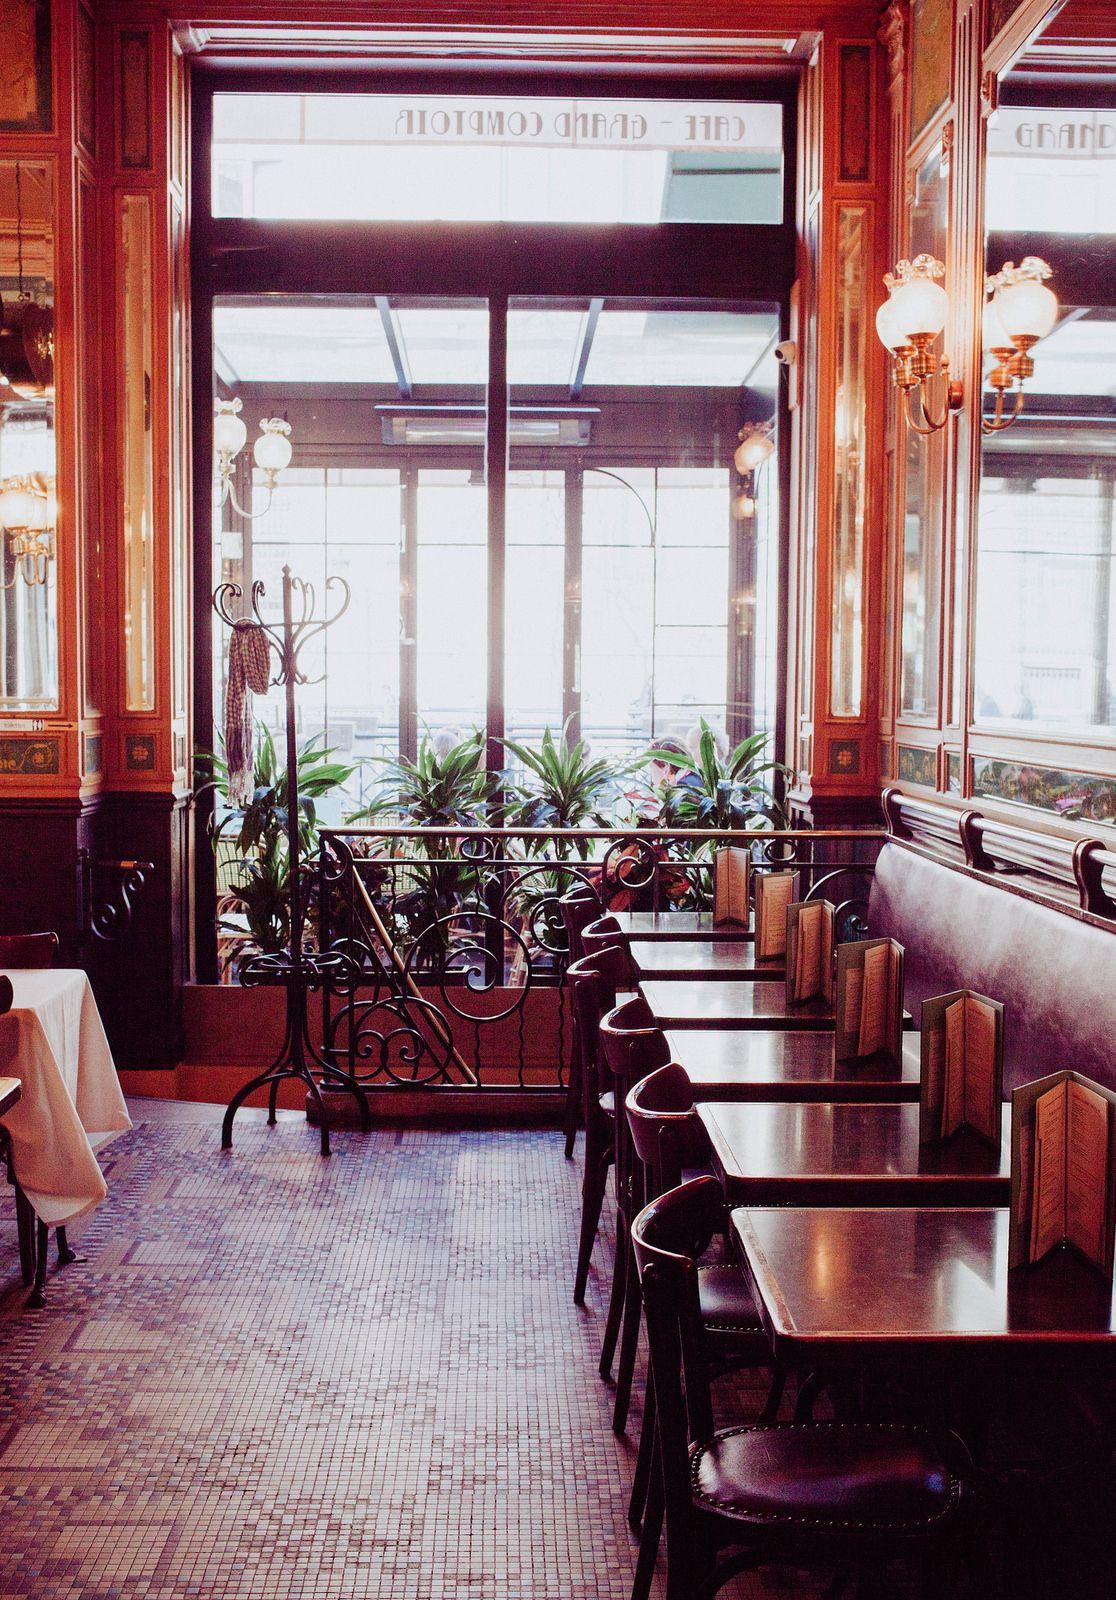 Paris Ooh La La Travel Photography Inspiration Coffee Places Beautiful Places